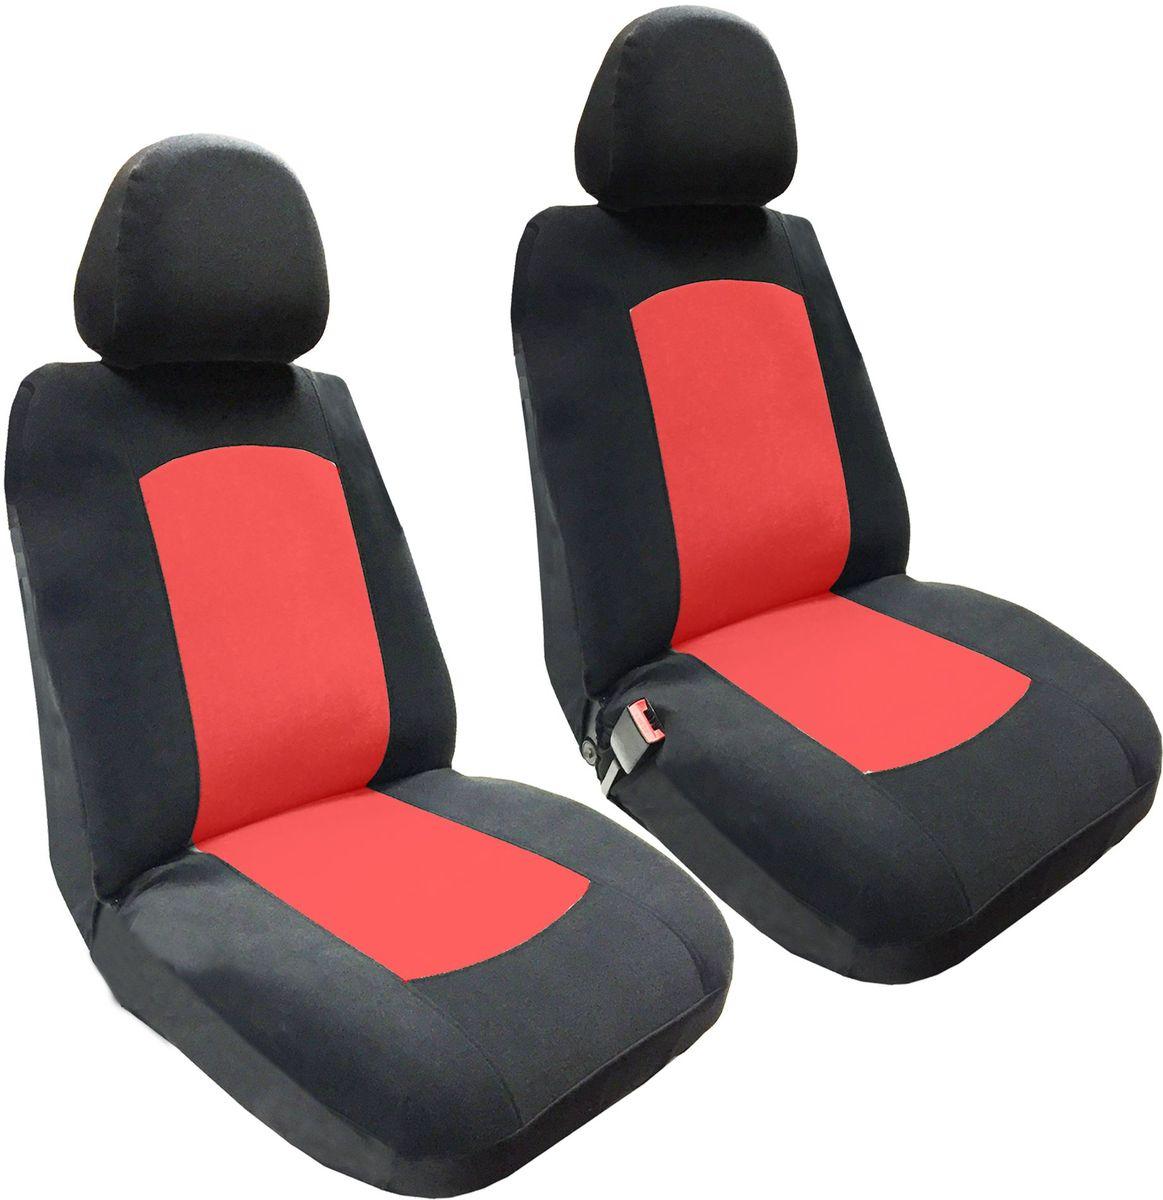 Набор автомобильных чехлов Auto Premium Фрегат, цвет: черный, красный, 4 предметаCA-3505Комплект универсальных чехлов Auto Premium Фрегат выполнен из велюра, предназначен для передних кресел автомобиля. На задней спинке чехла расположен вшивной карман. В комплект входят съемные чехлы для подголовников. Практичный и долговечный комплект чехлов для передних сидений надежно защищает сиденье водителя и пассажира от механических повреждений, загрязнений и износа.